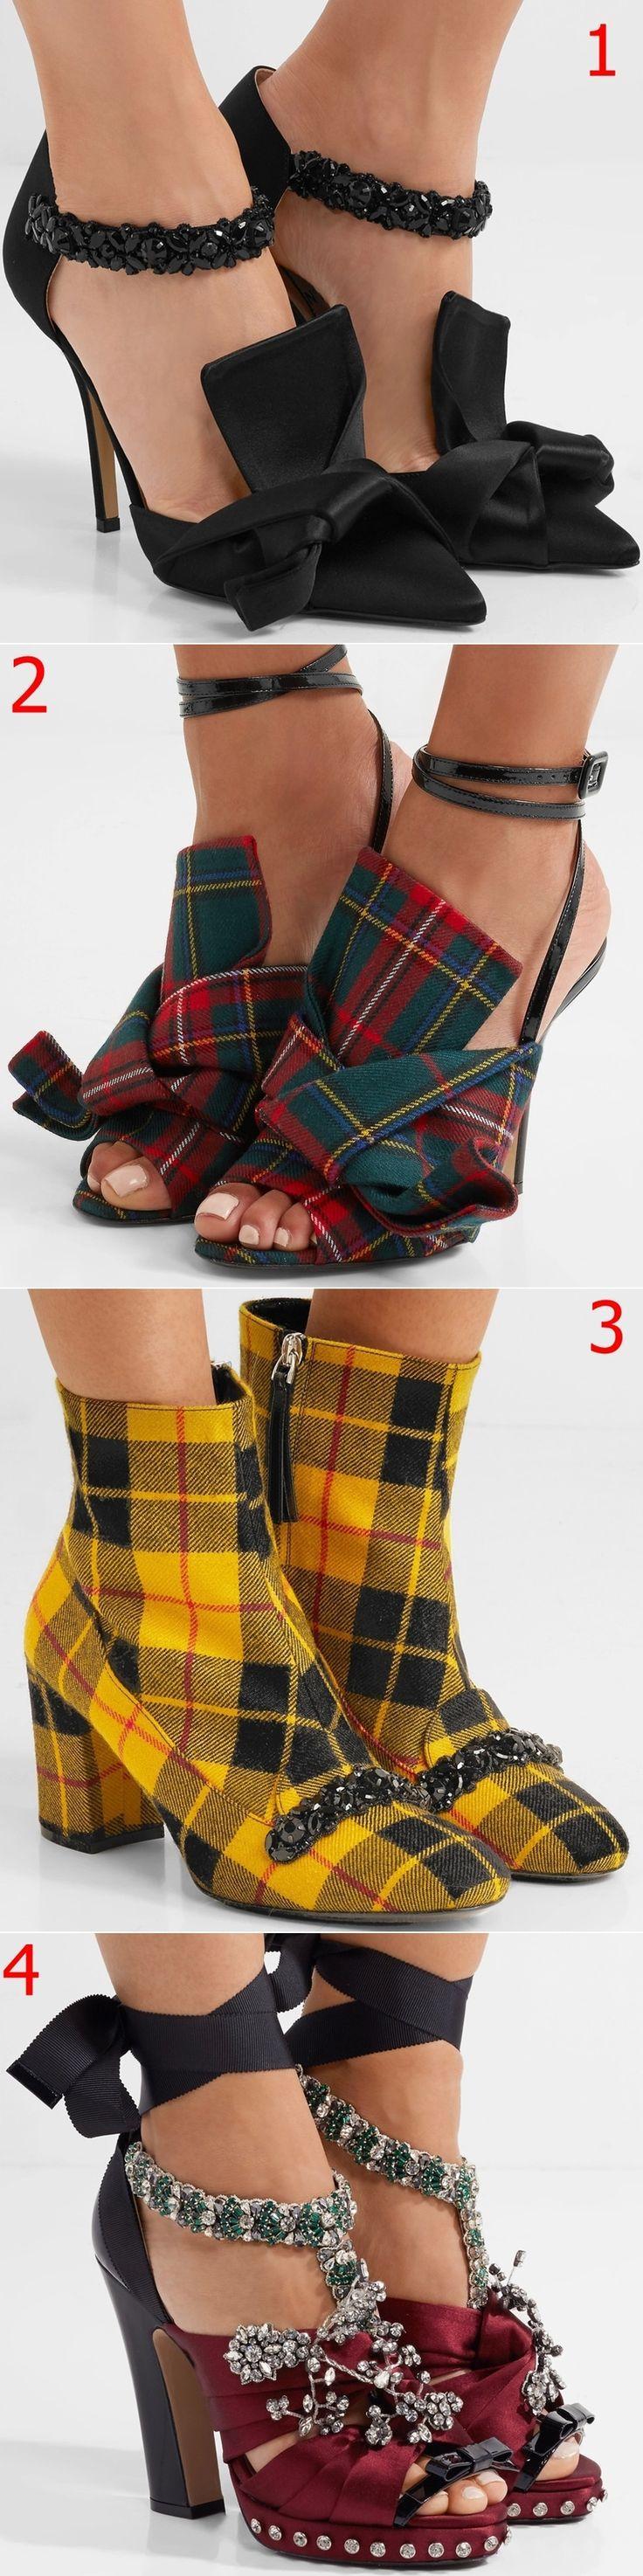 Wedding - Shoe Fetish